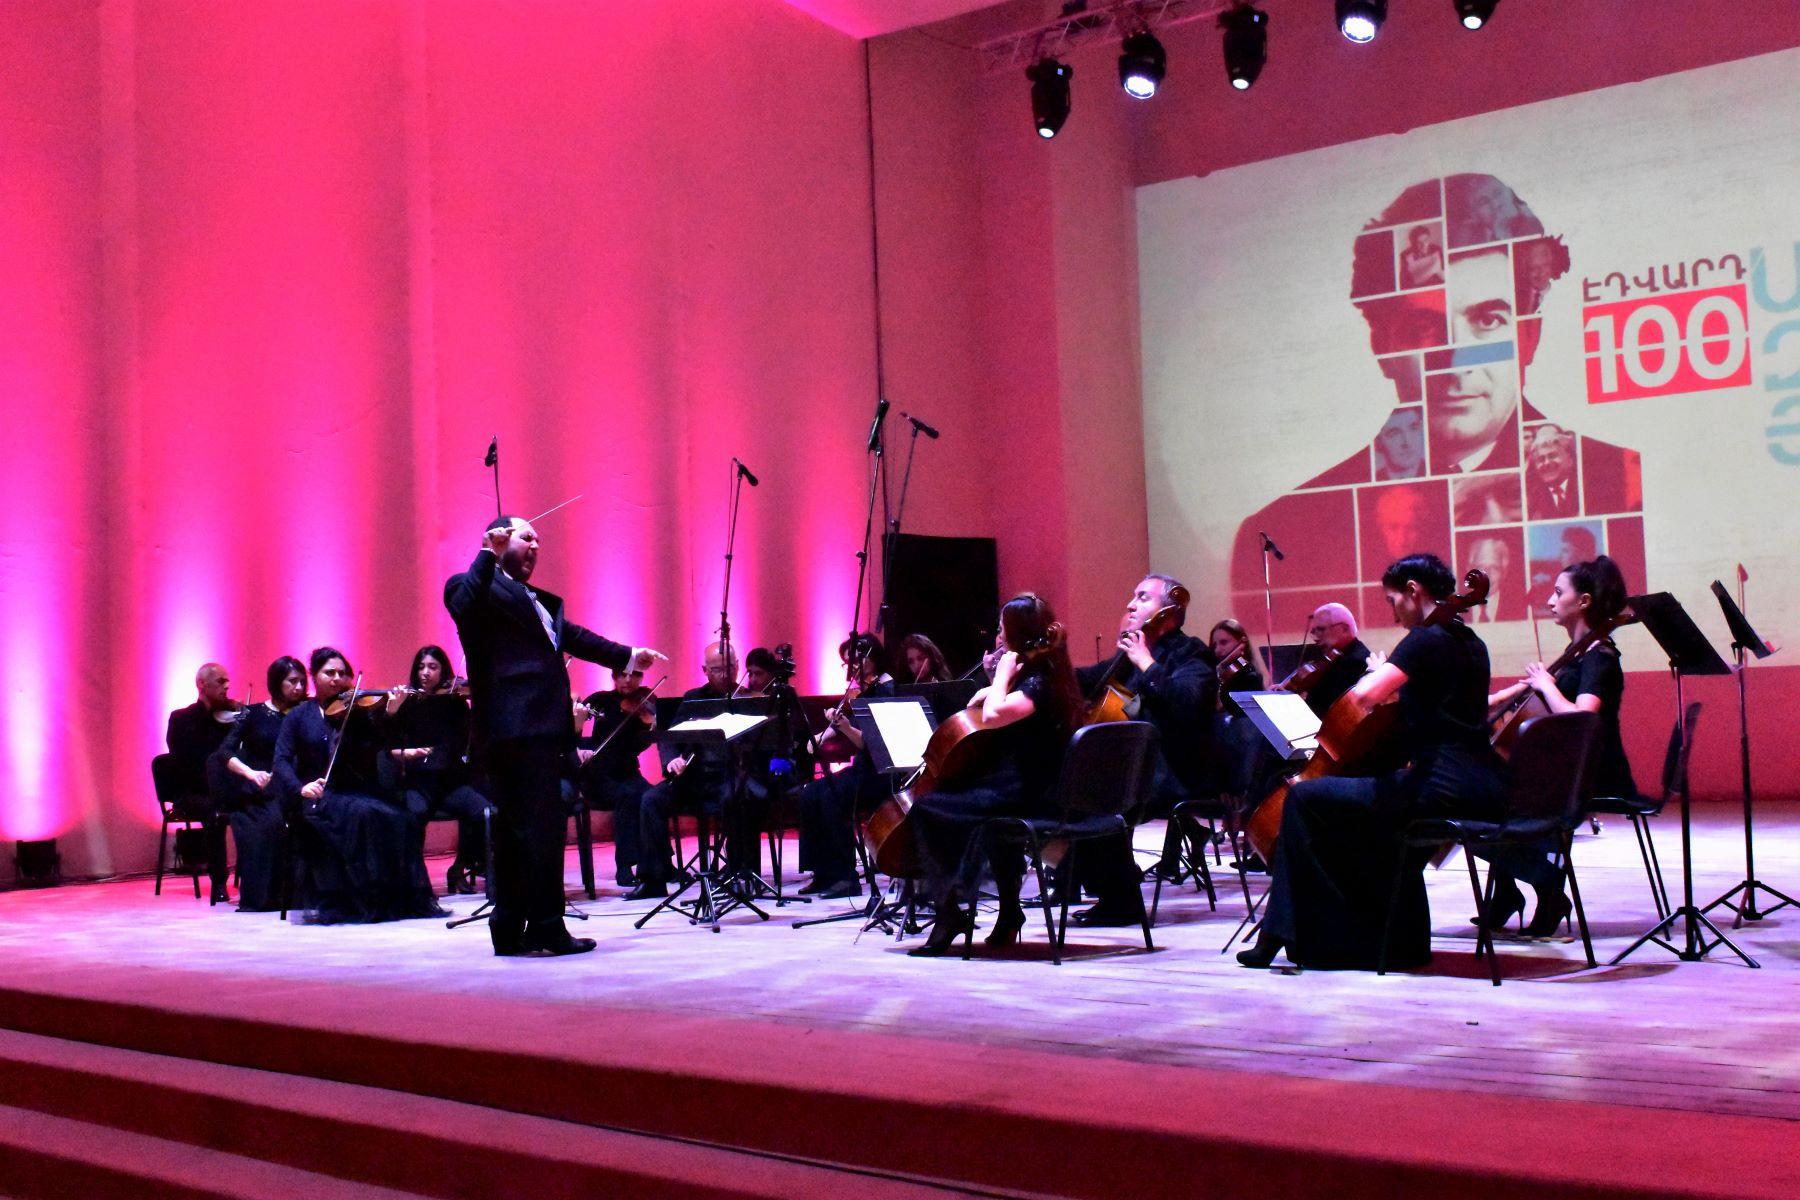 Photo of Ապրելու արվեստը․ Դիլիջանում տեղի է ունեցել մեծանուն կոմպոզիտոր Էդվարդ Միրզոյանի 100-ամյակին նվիրված հոբելյանական համերգ